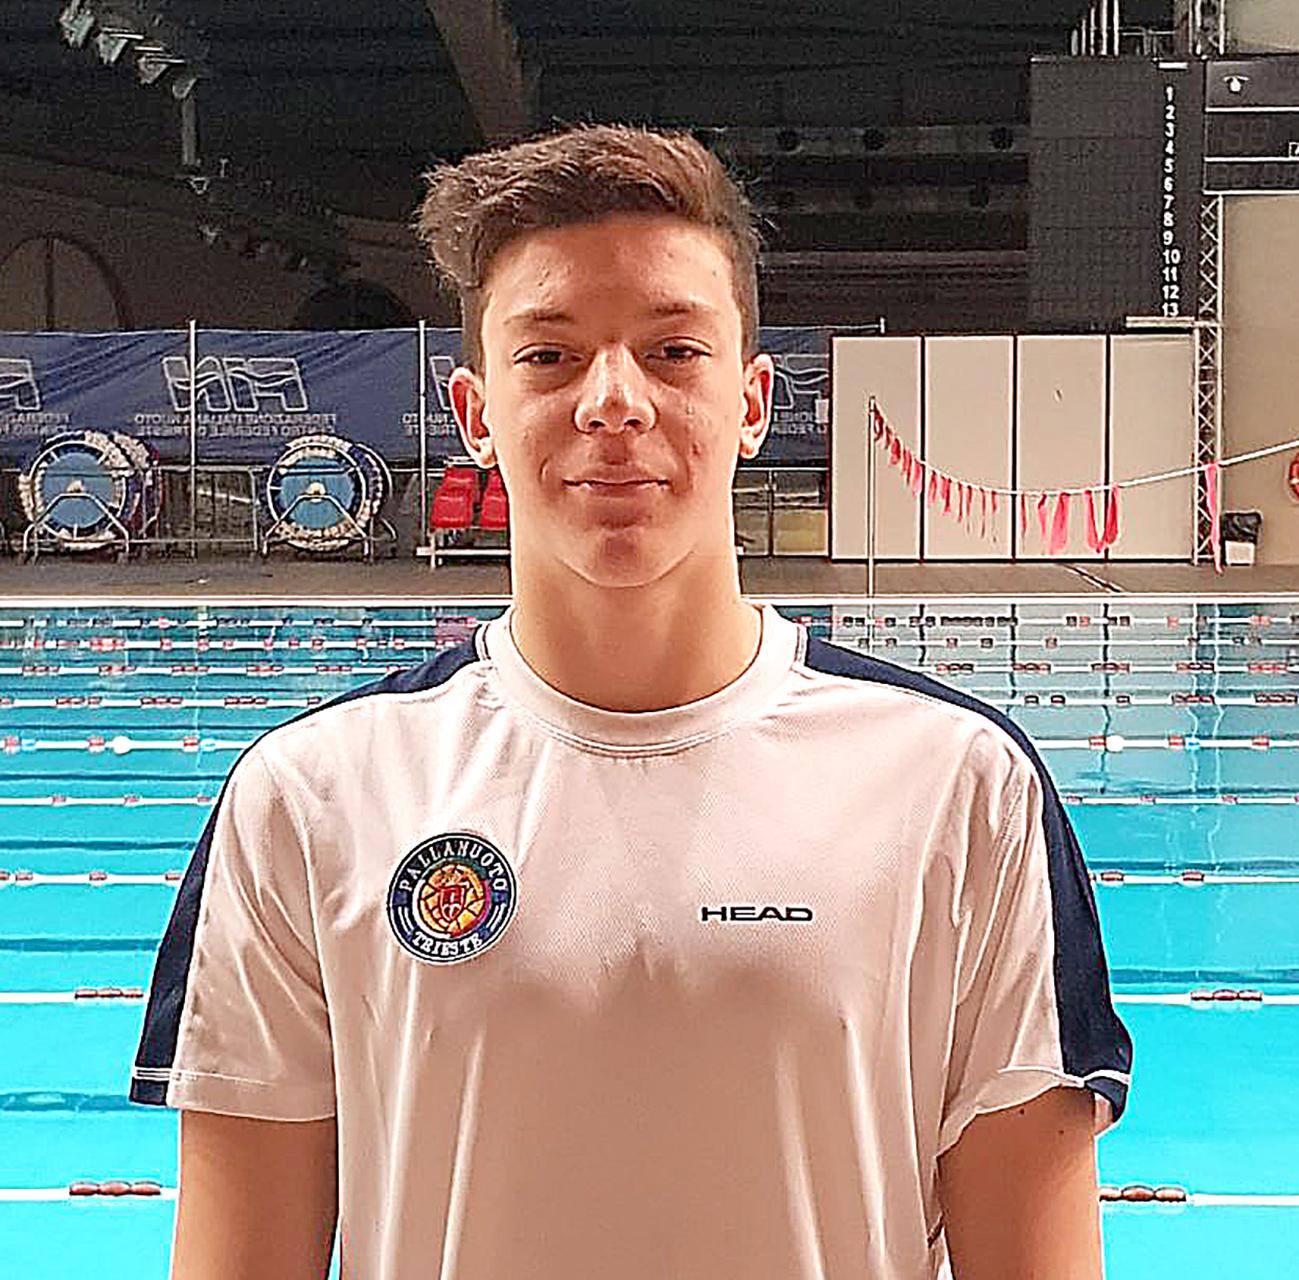 Nazionali giovanili: Michele Mezzarobba, Andrea Mladossich e Marco Stocco convocati con le rappresentative azzurre